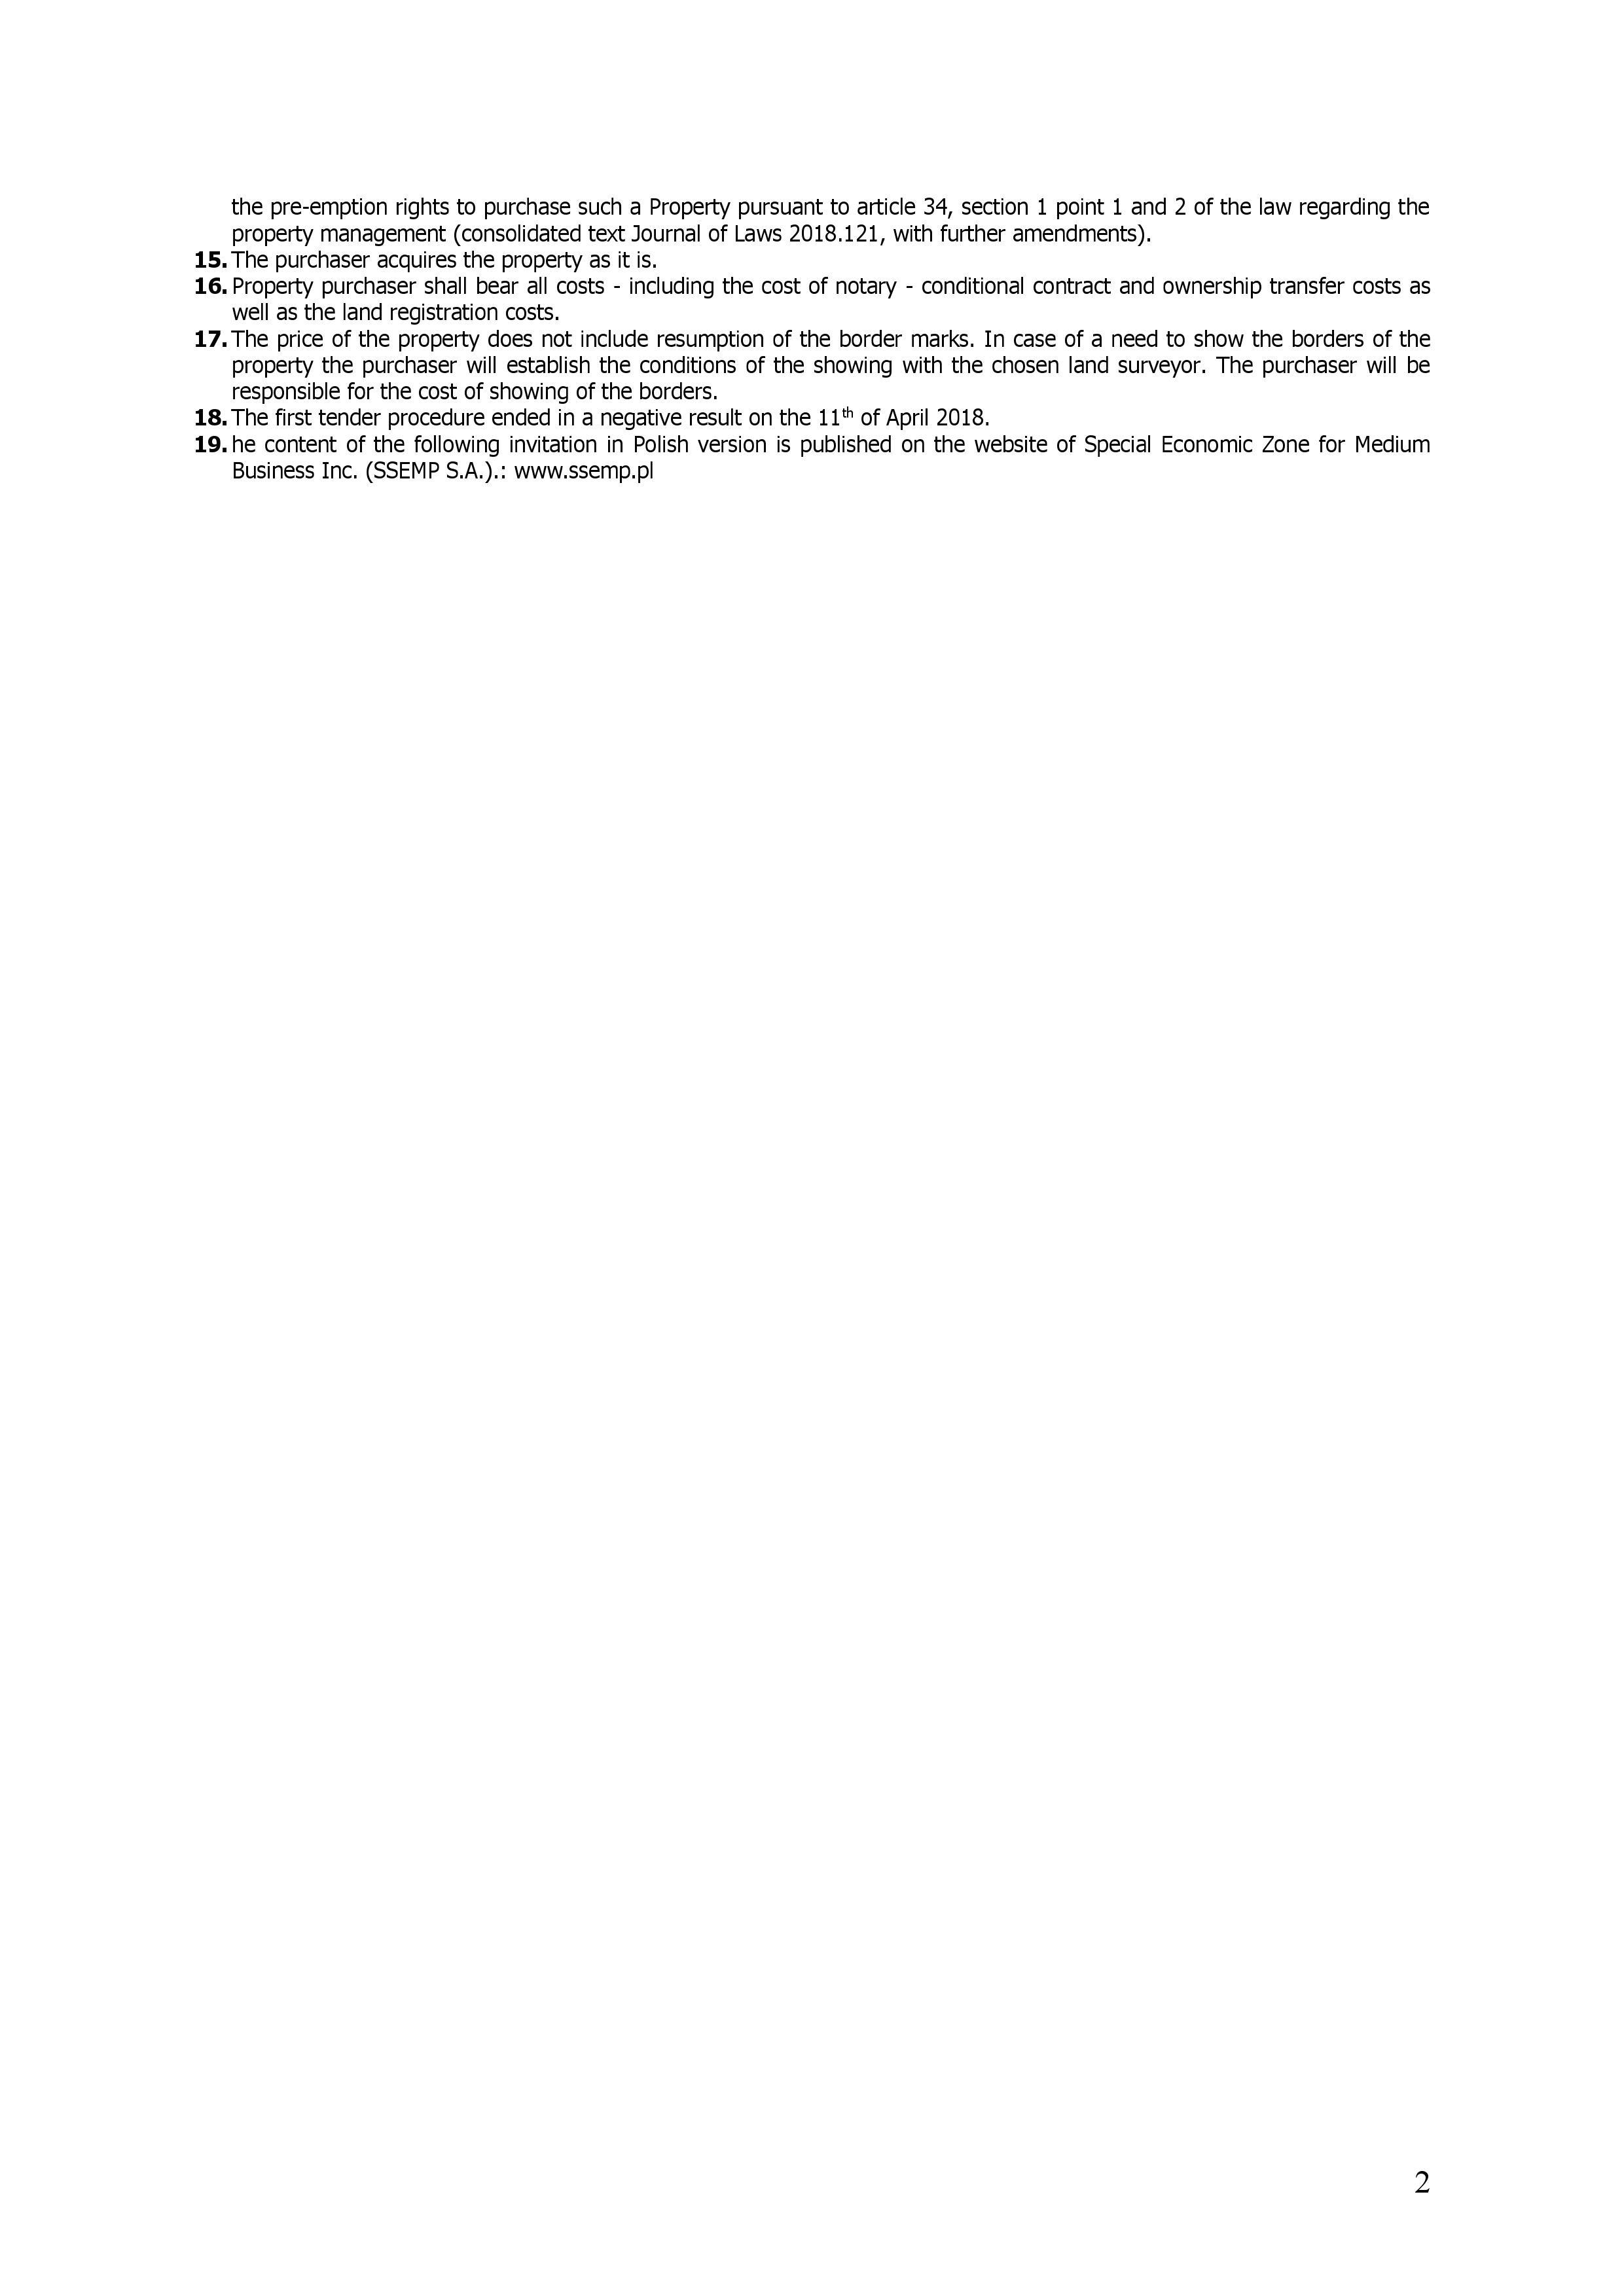 prusice przetarg 05.09 en02